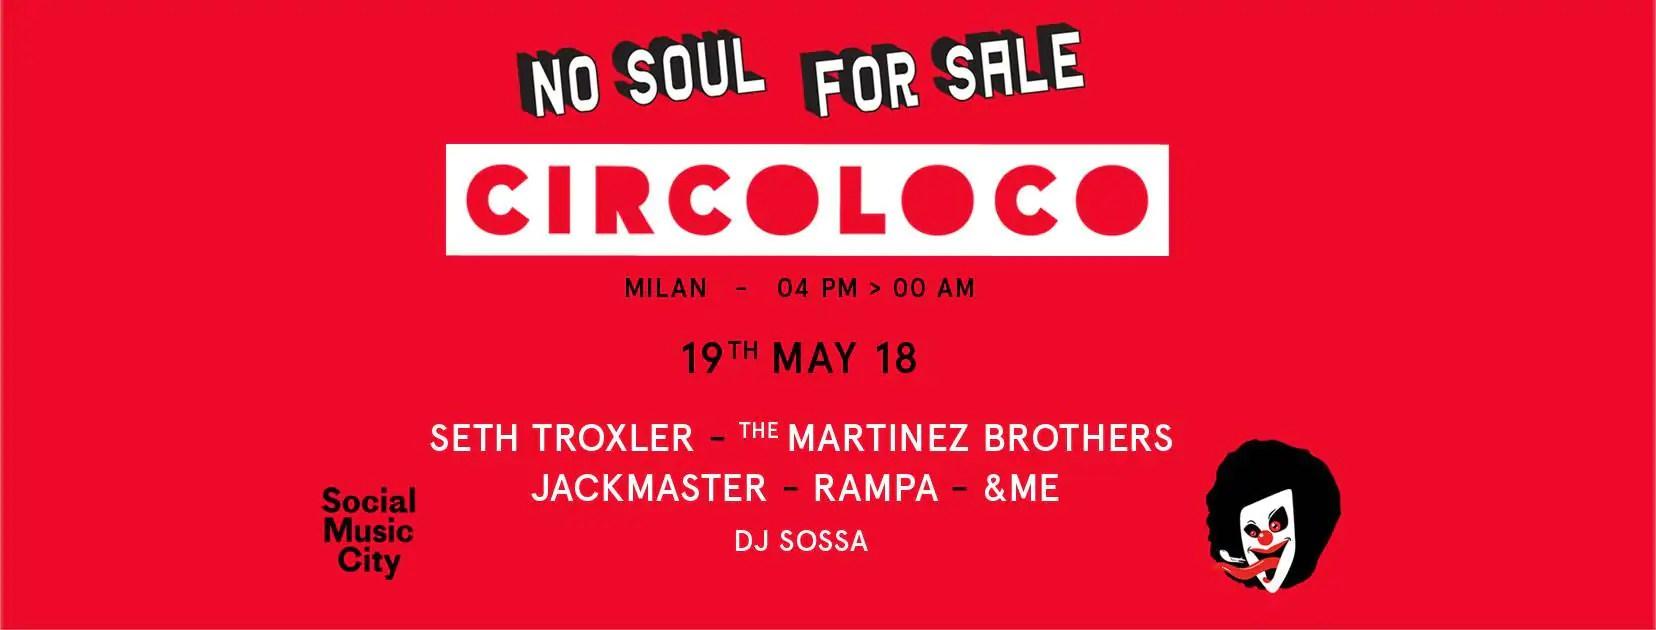 Circoloco Milano – Social Music City – 19 Maggio 2018 – Ticket in prevendita Biglietti Prevendite Tavoli Pacchetti Hotel